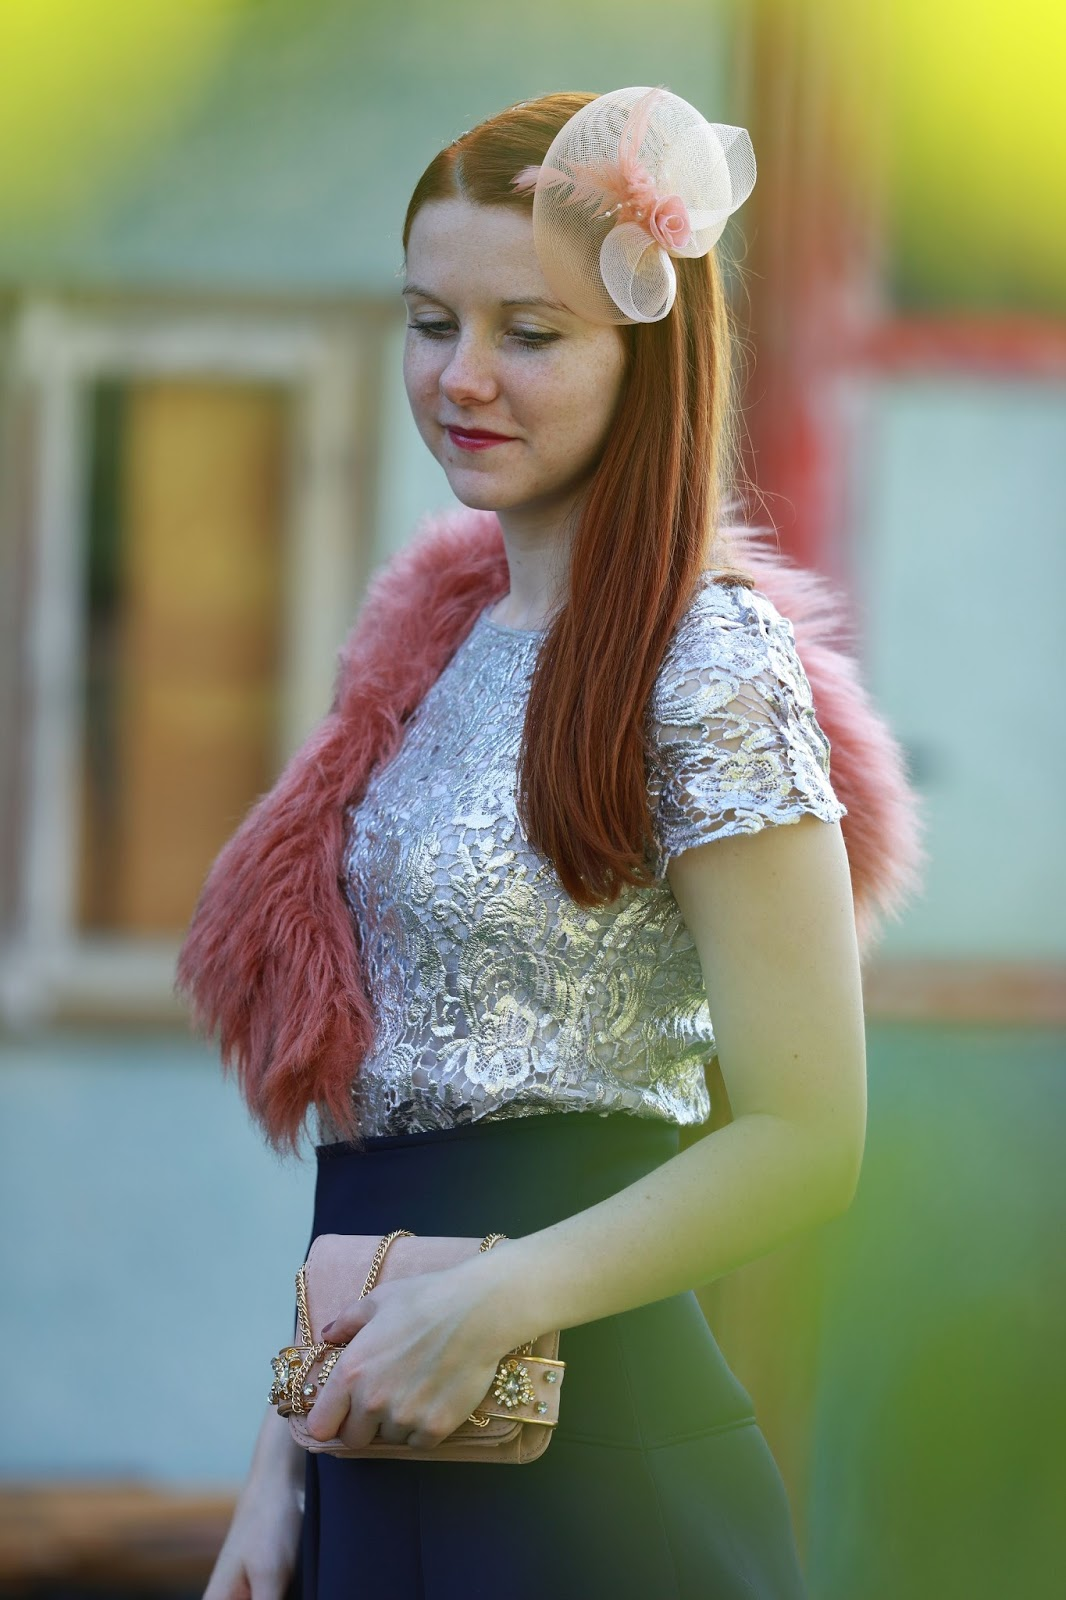 lucie srbová, style withouts limits, unyp, marketing, česká blogerka, blogerka